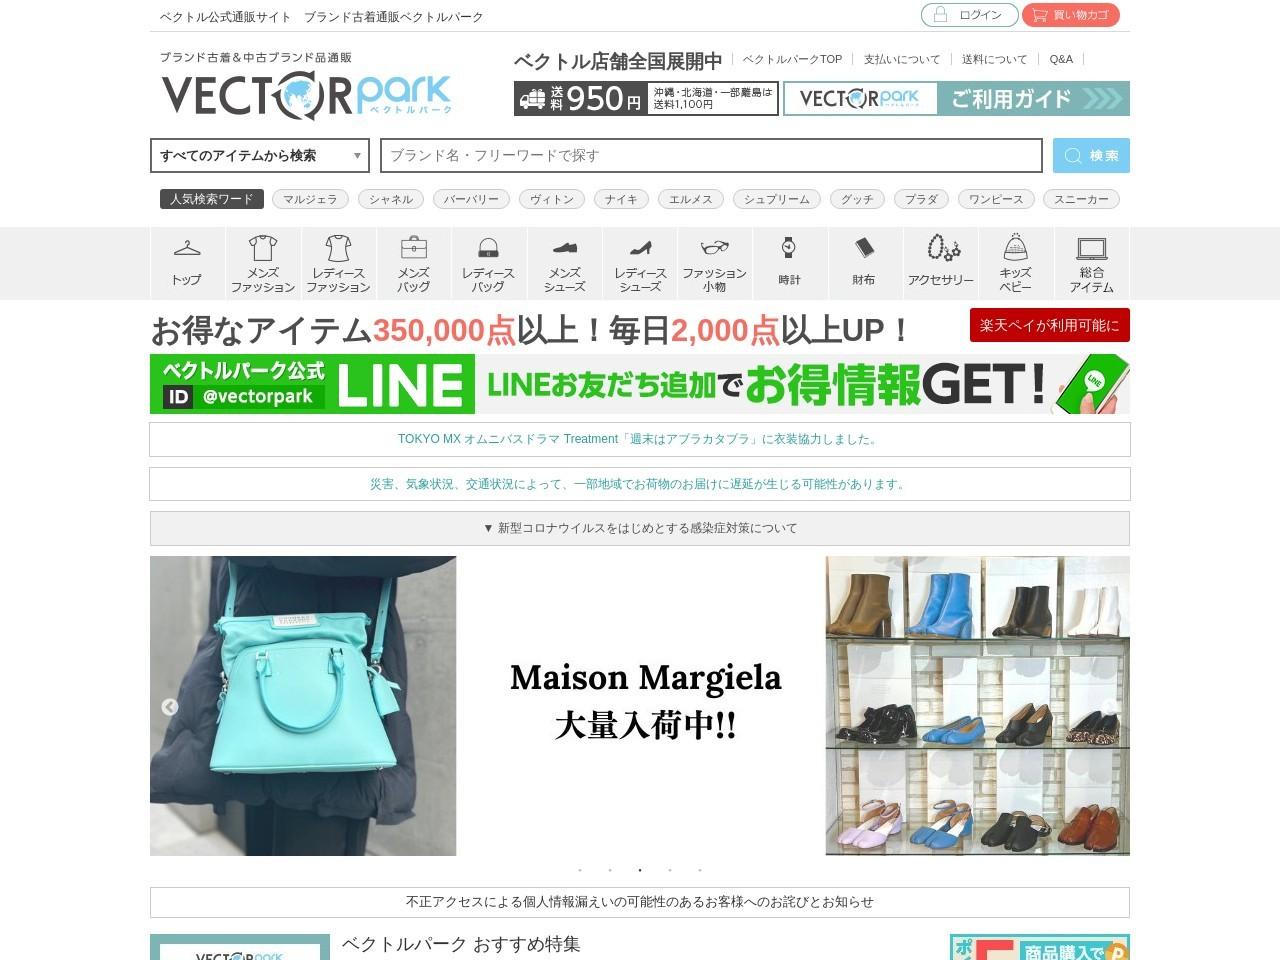 http://vector-park.jp/contents/d-campaign/